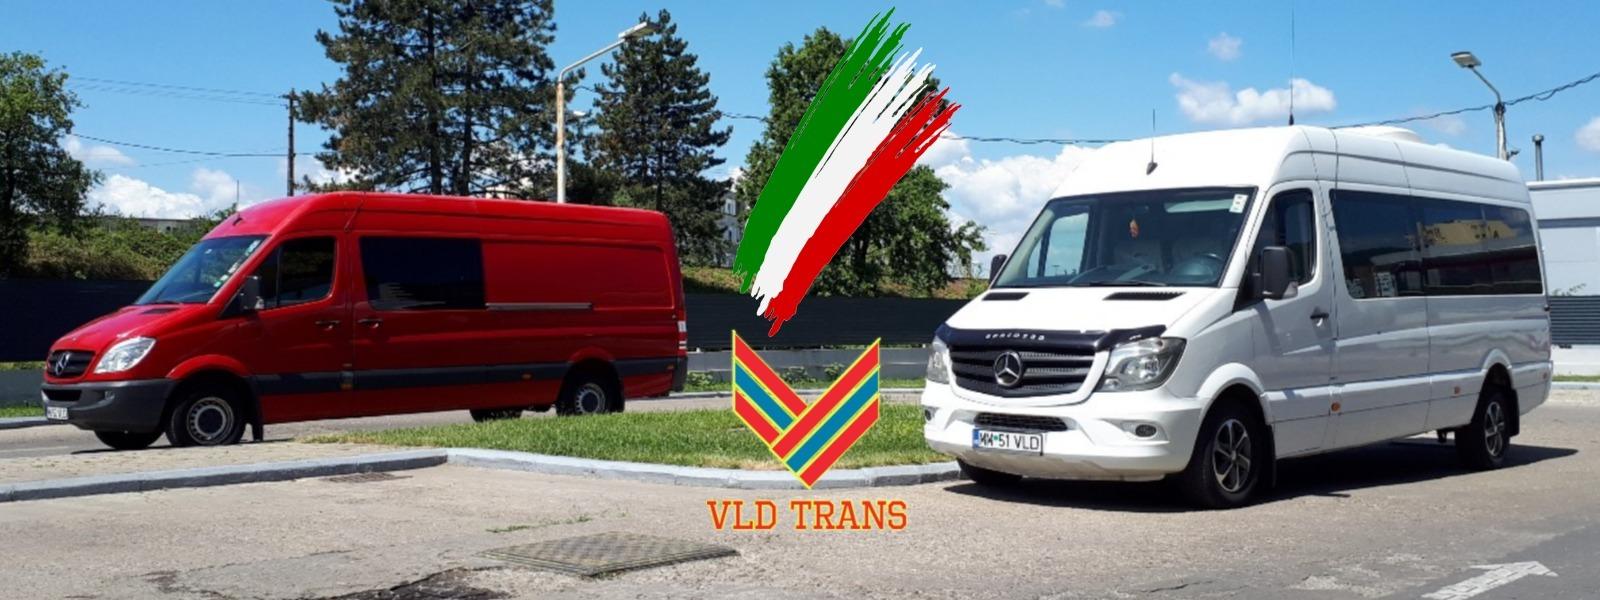 banner-4-vld-transport-italia.jpg